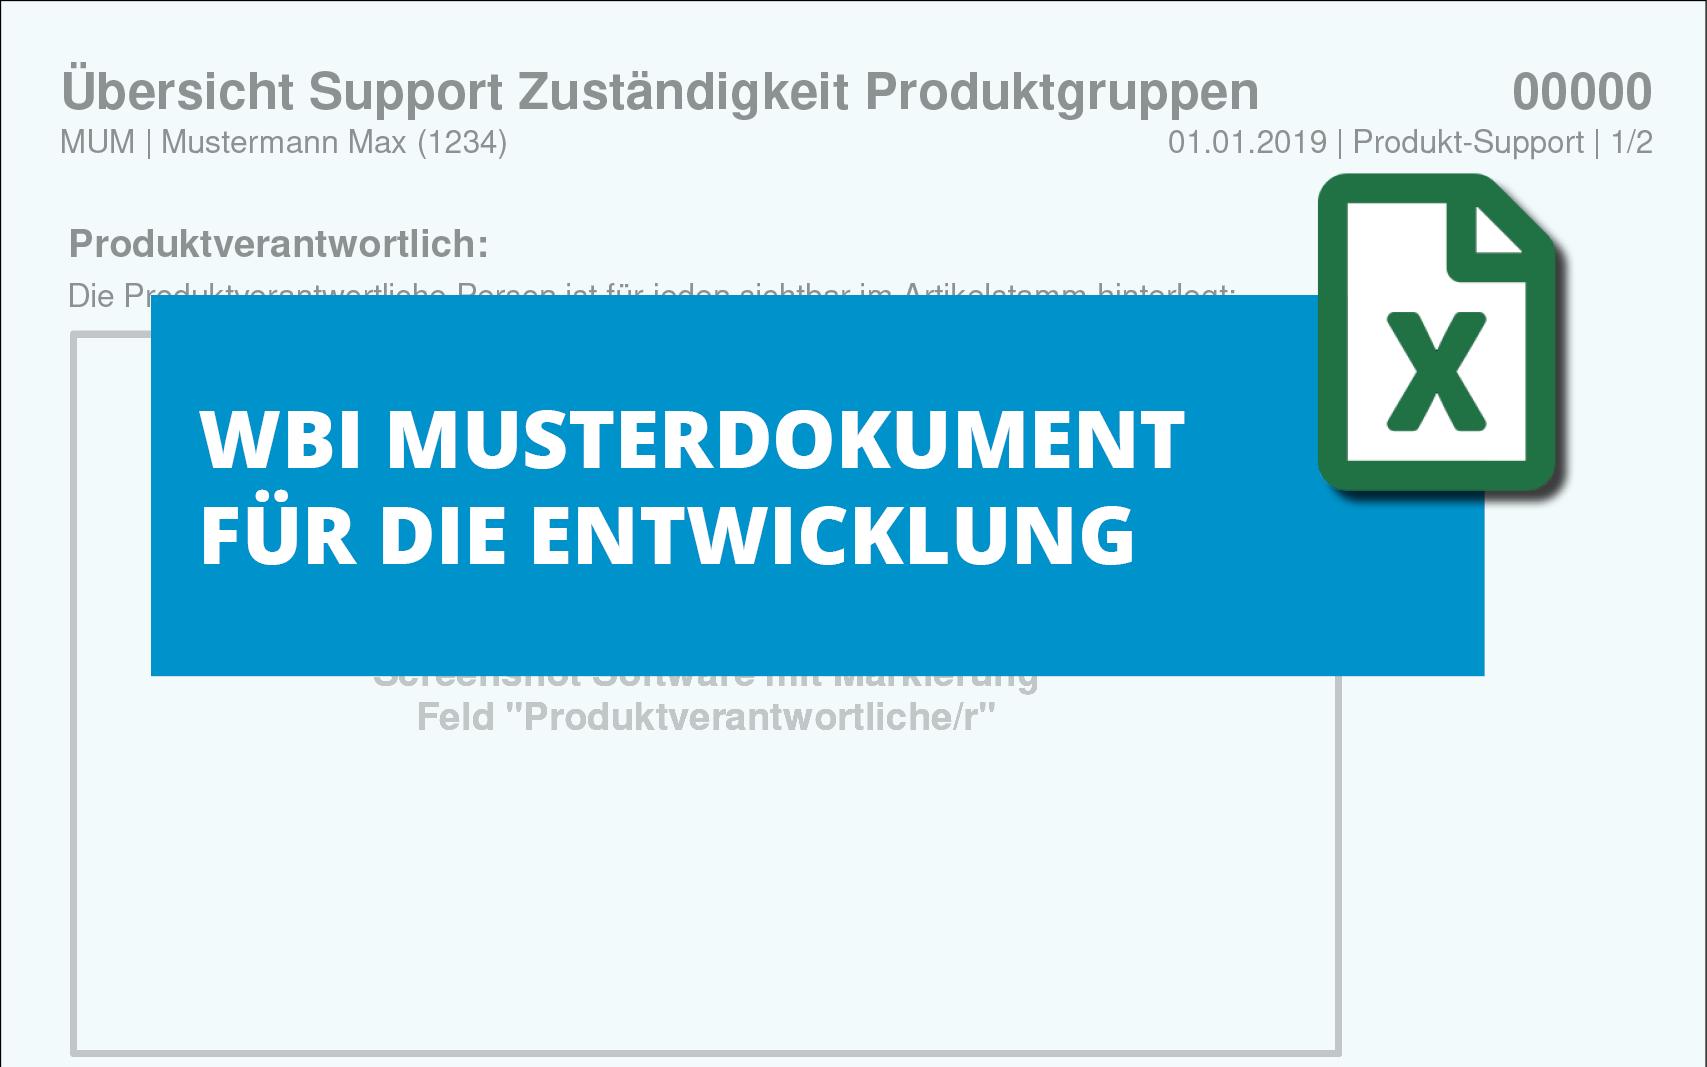 uebersicht-support-zustaendigkeit-produktgruppen